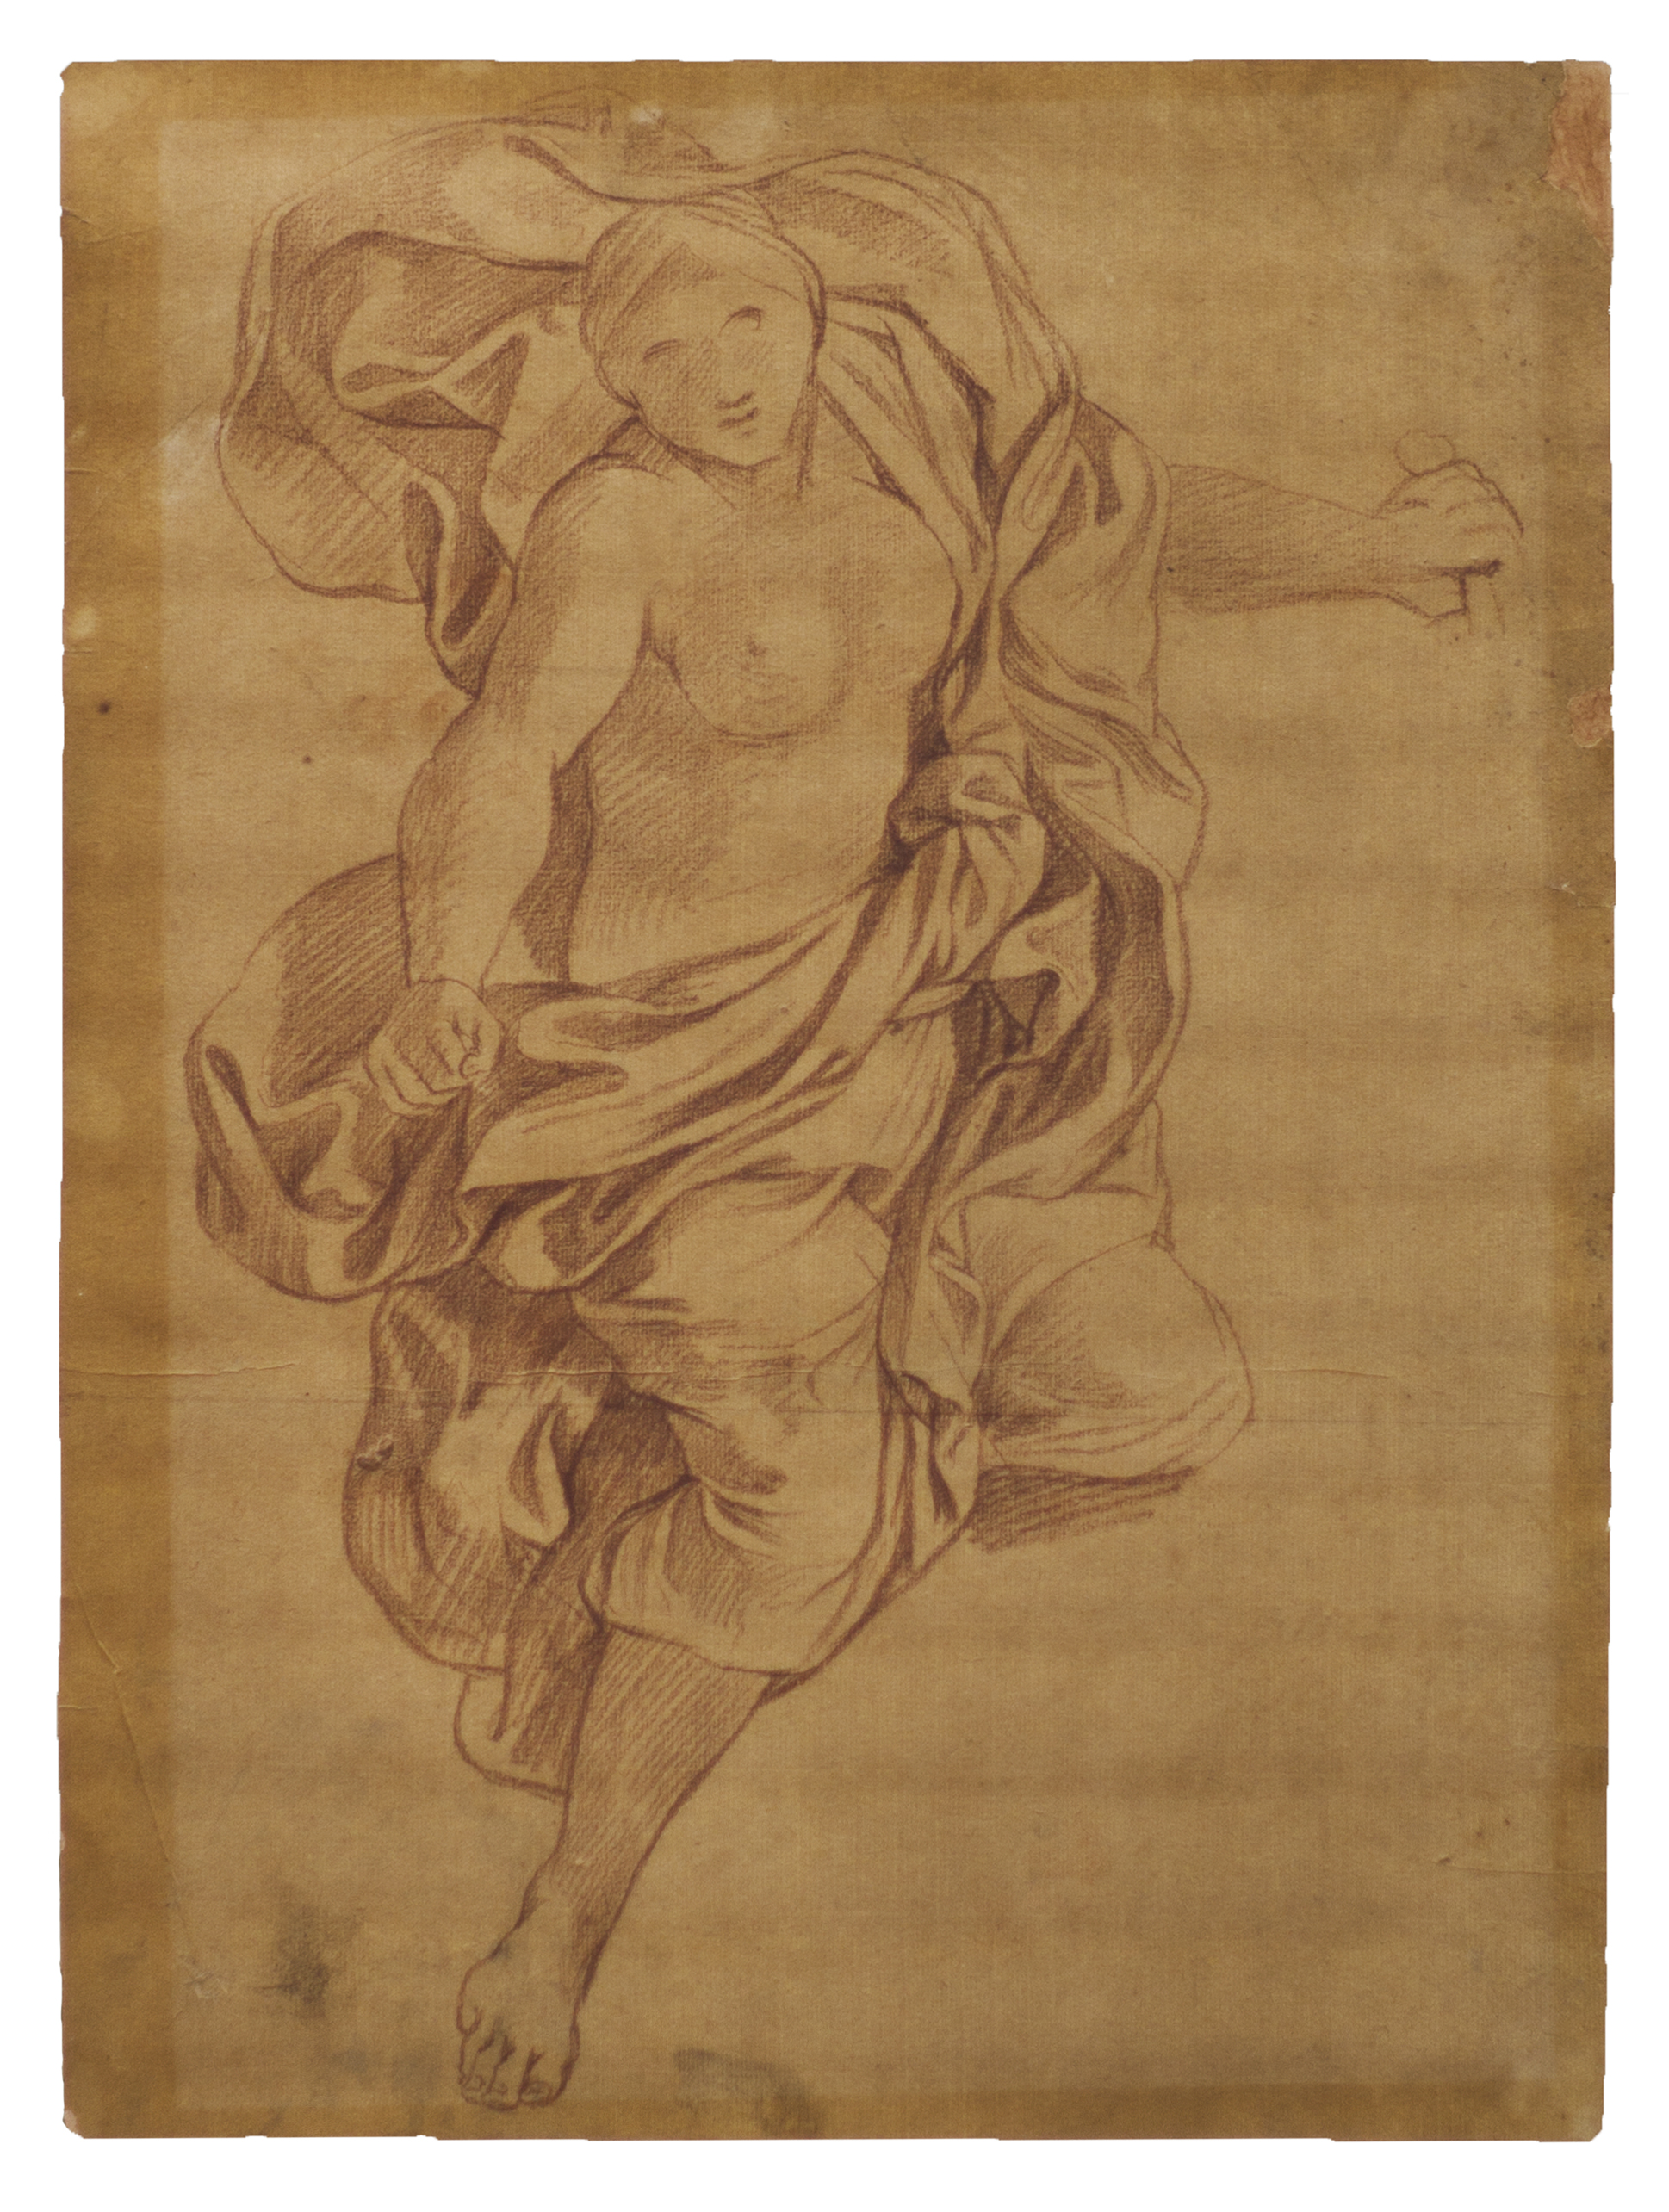 """André - Jean Lebrun (1737-1811) - """" Figure mythologique """" - Sanguine - 41 x 35 cm"""